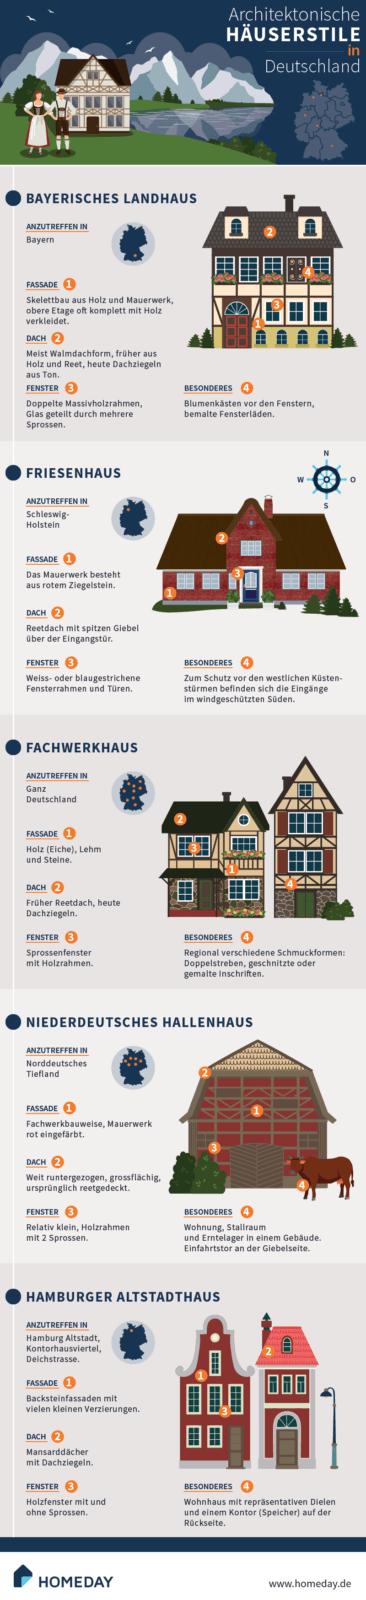 Architektonische Häuserstile in Deutschland